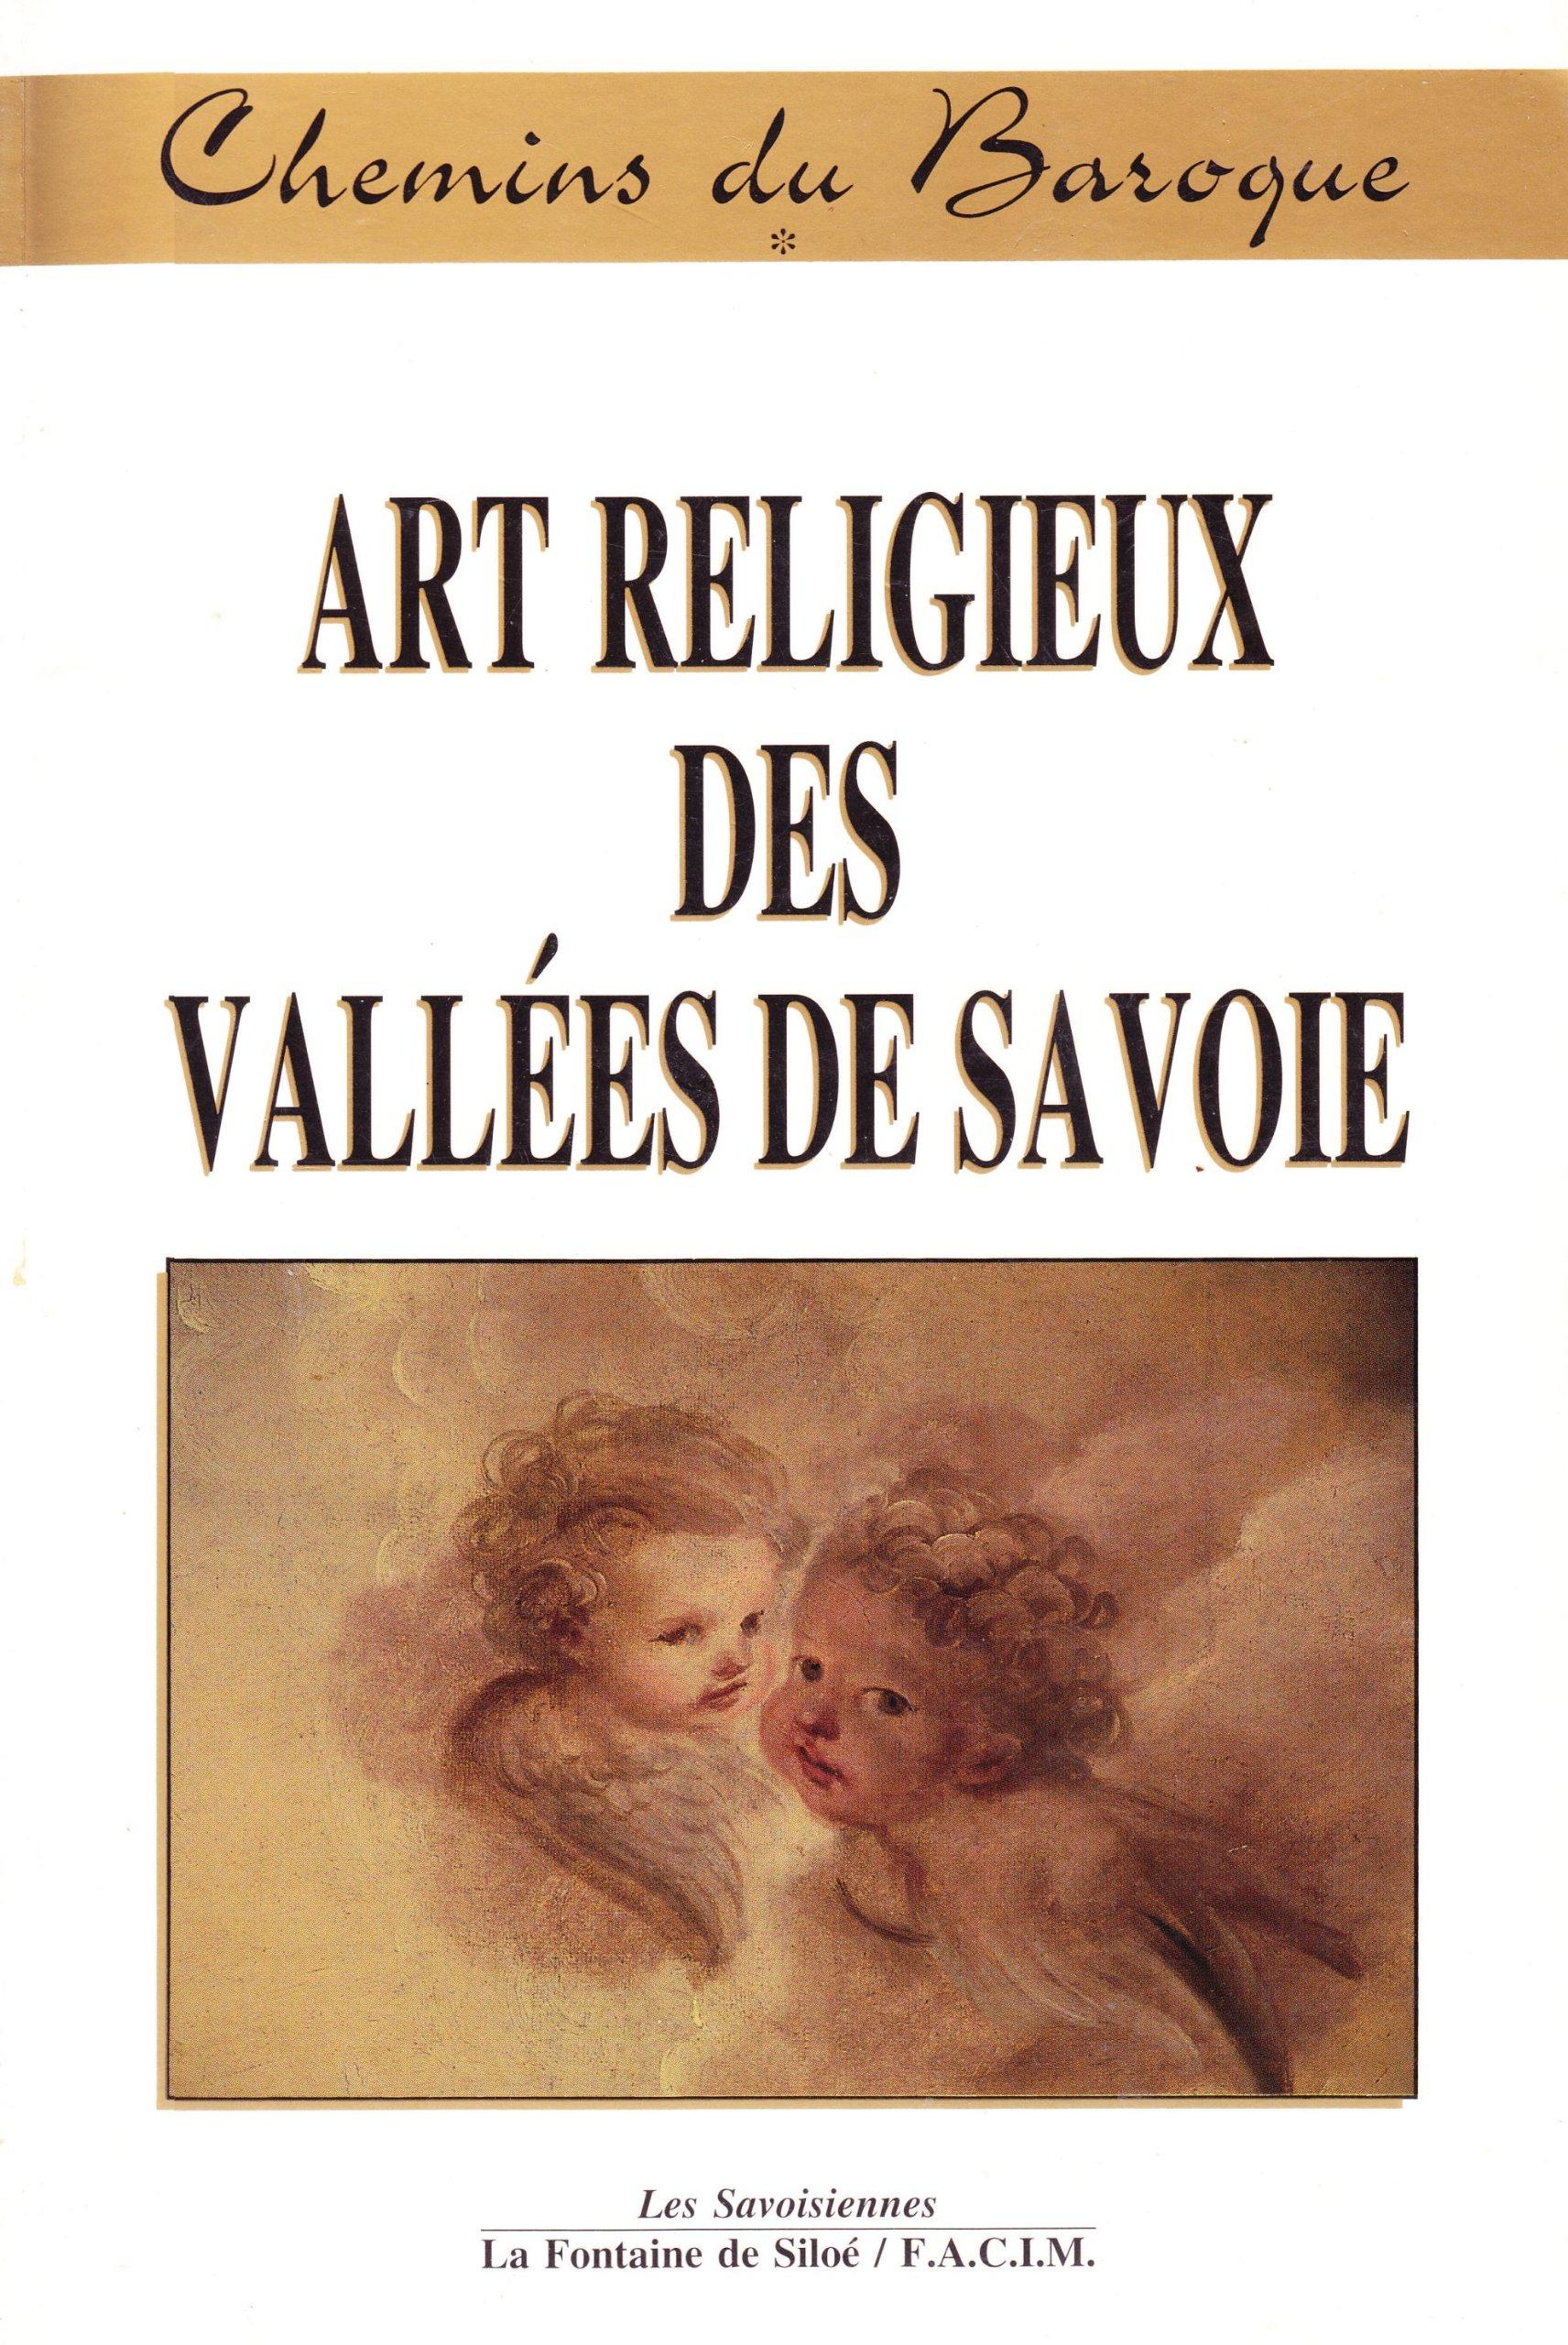 Chemins du Baroque : Art religieux des vallées de Savoie Broché – juin 1994 Denis Cerclet 2908697777